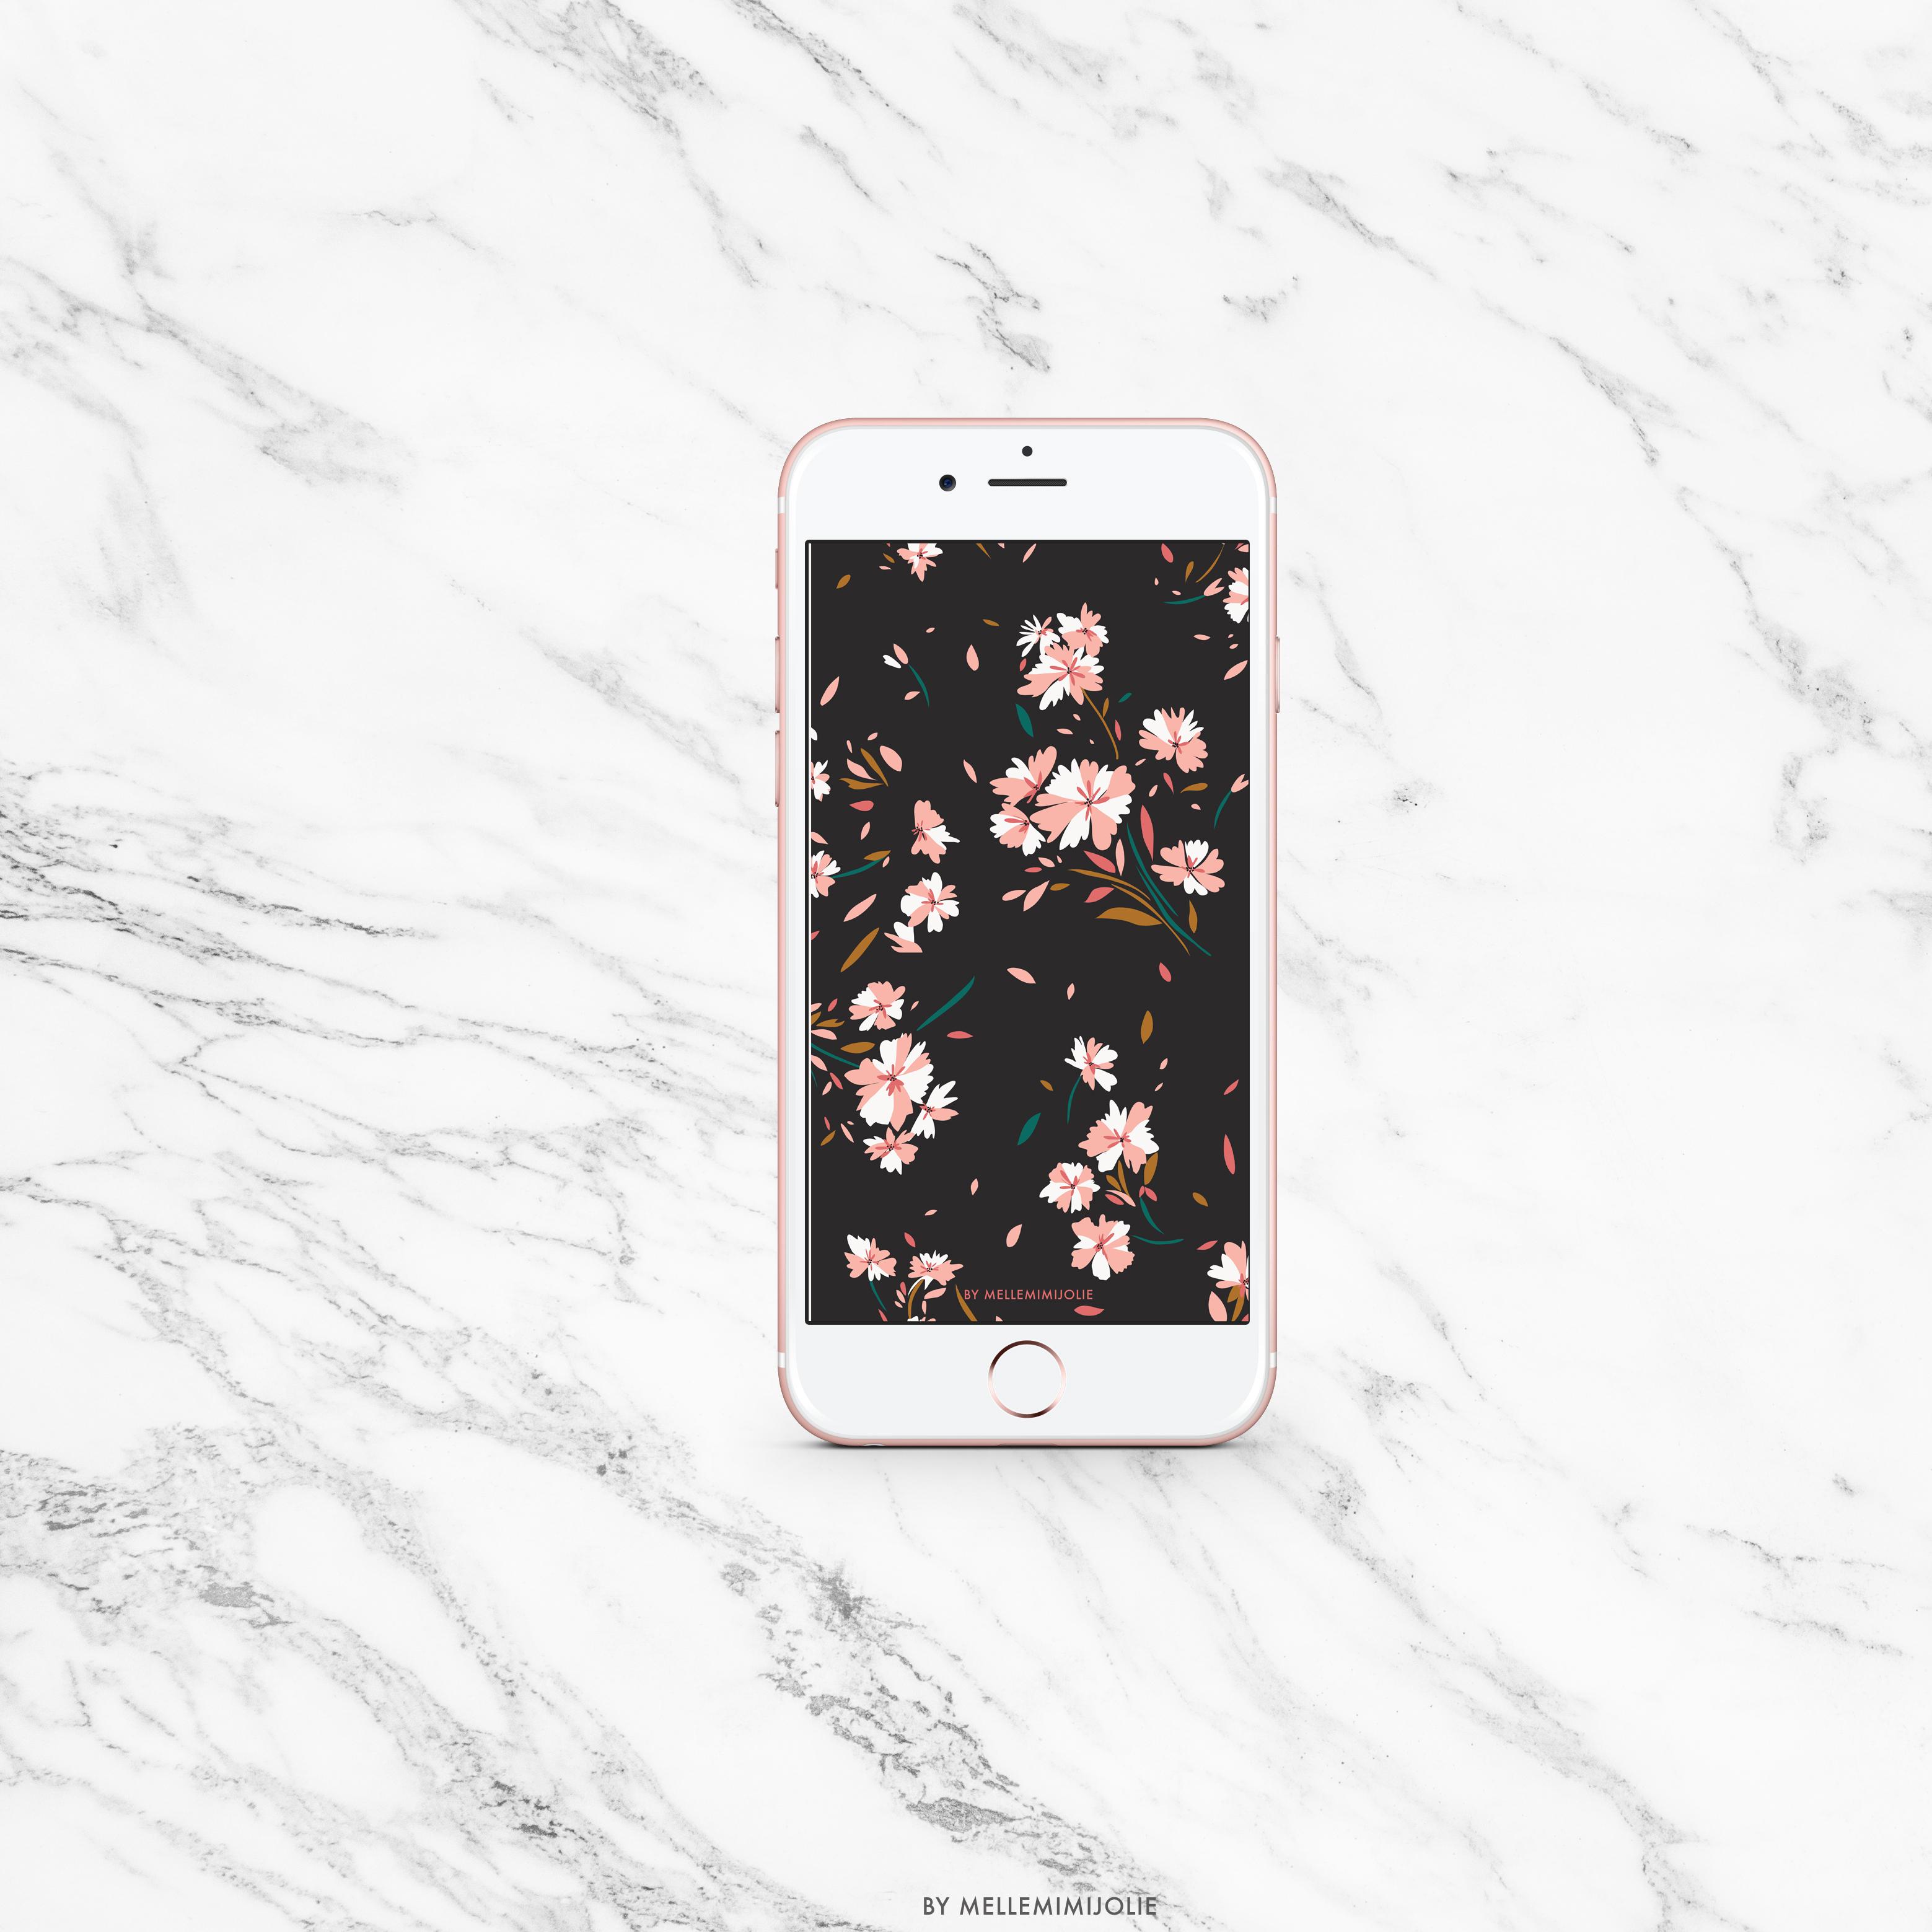 mellemimijolie-floral-november